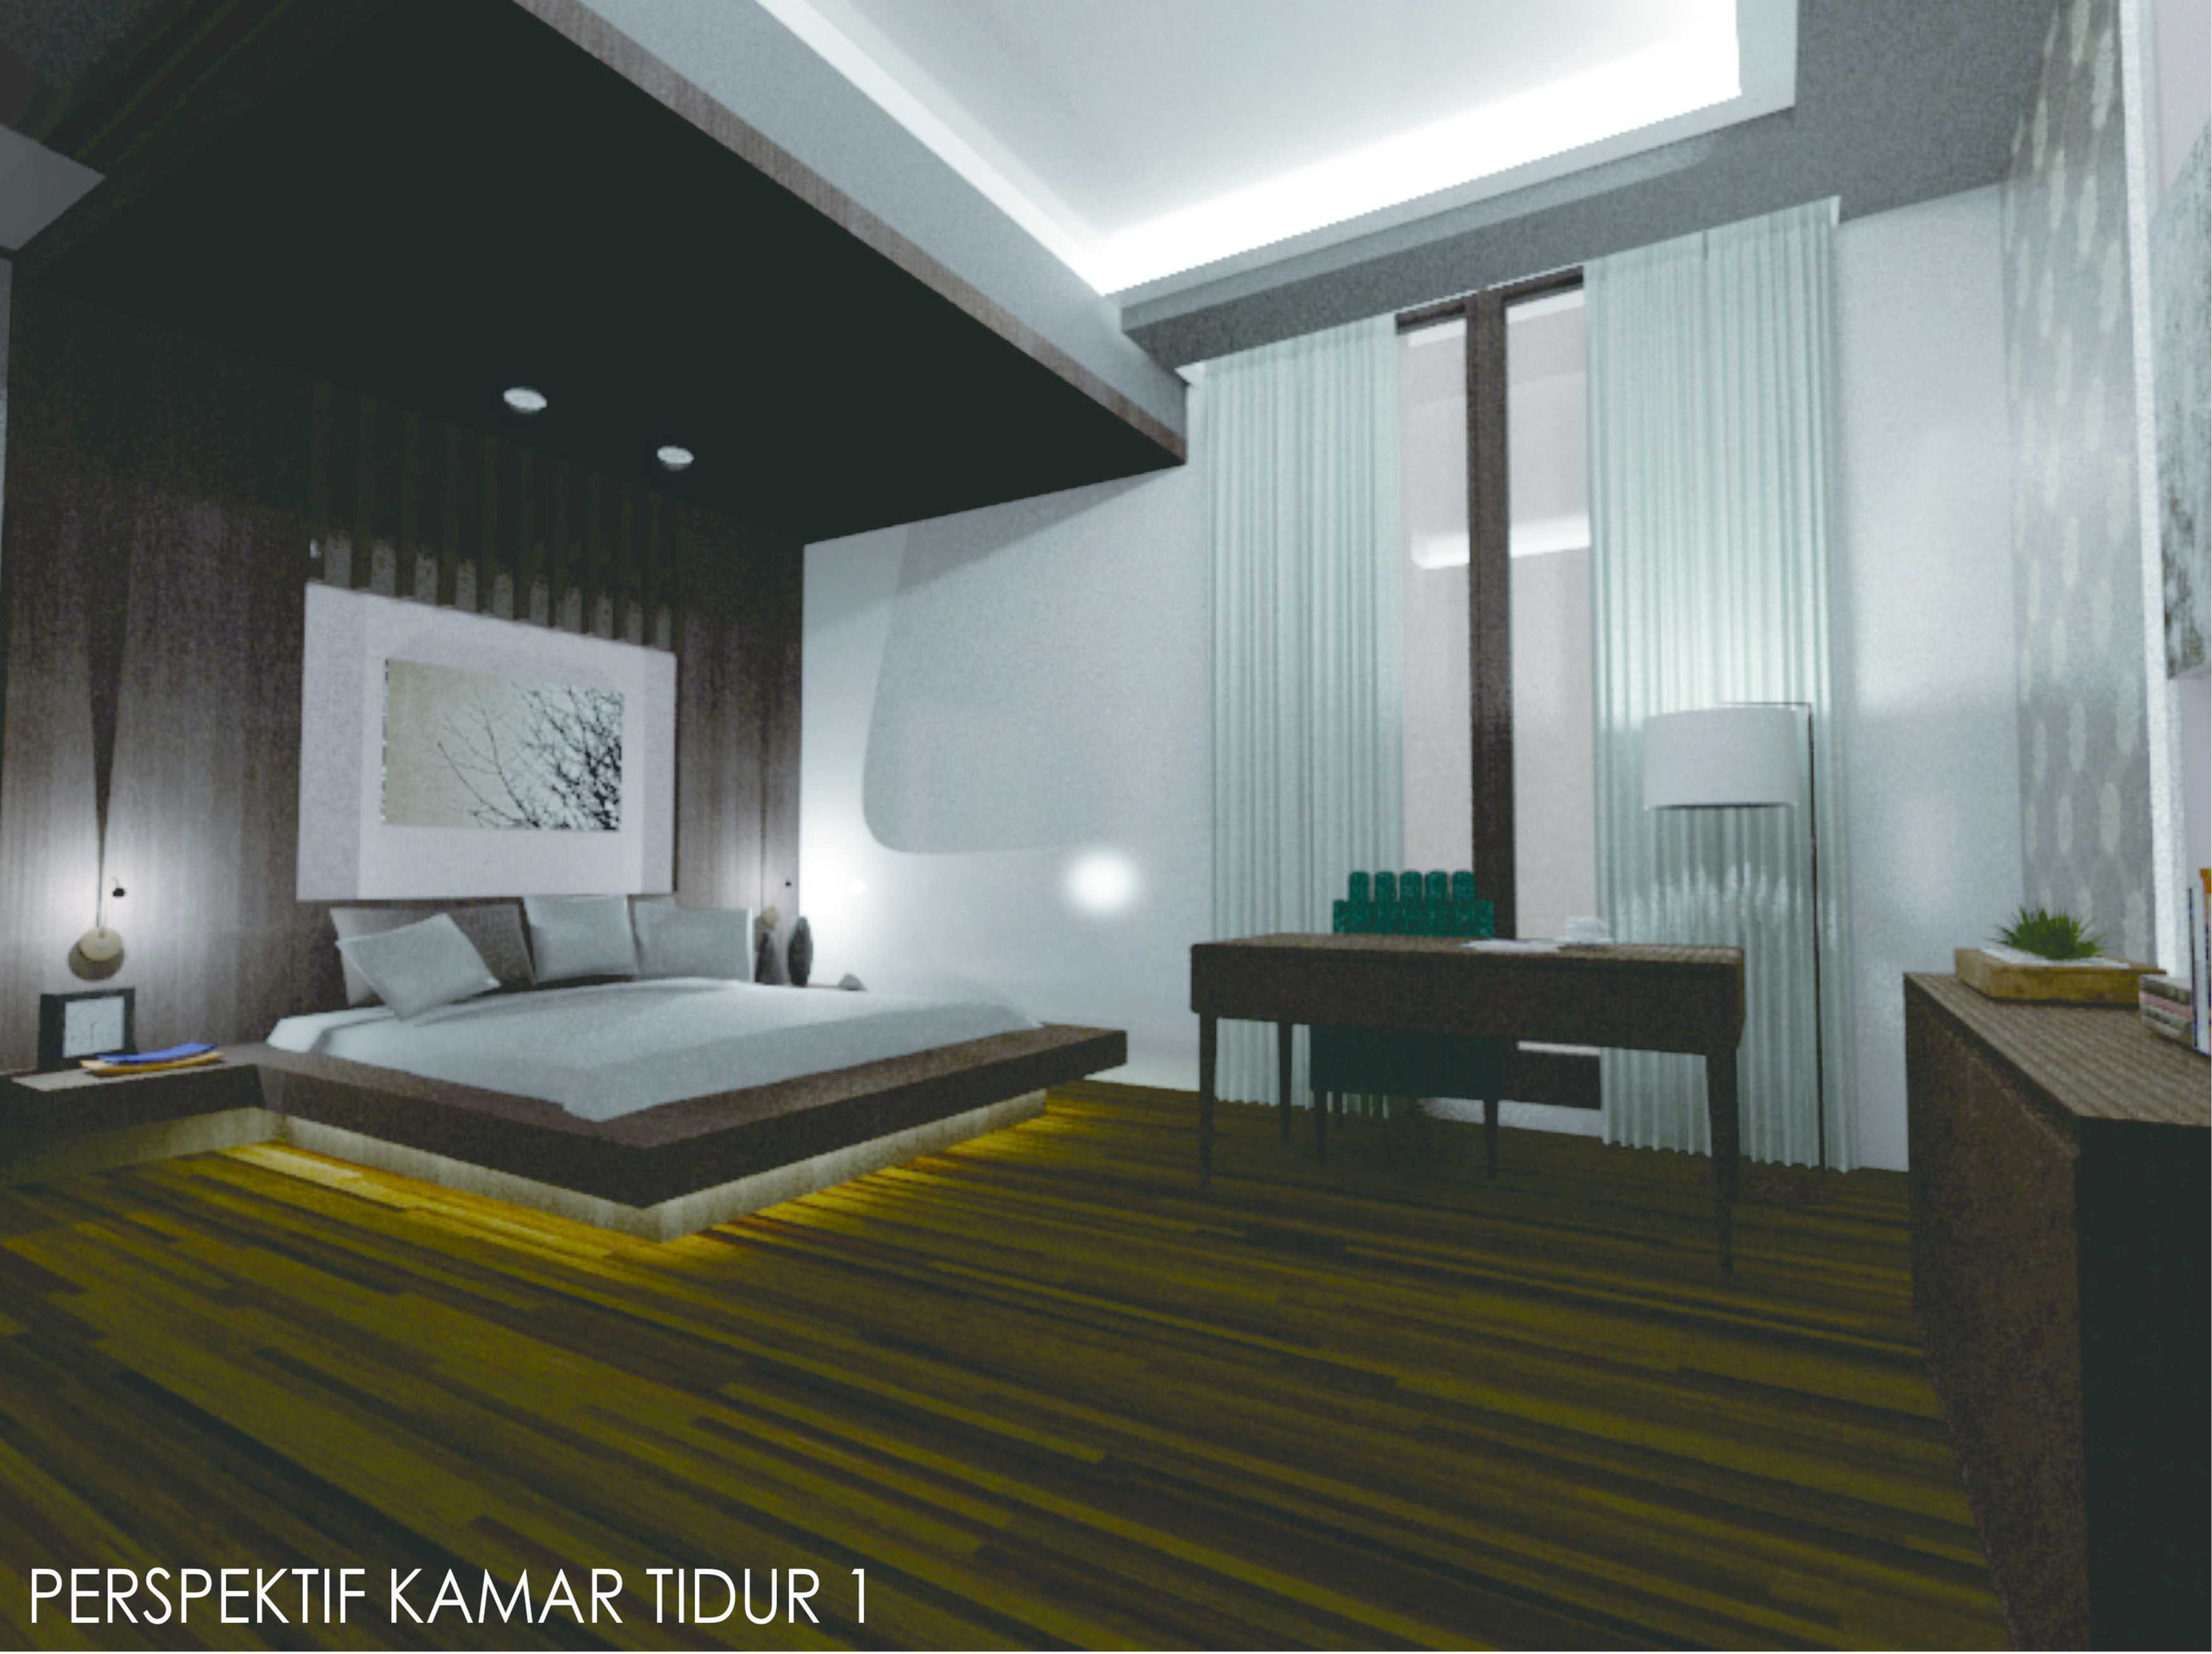 Nawabha Rumah Komplek Lipi Bandung Bandung Bandung Interior-11   24709